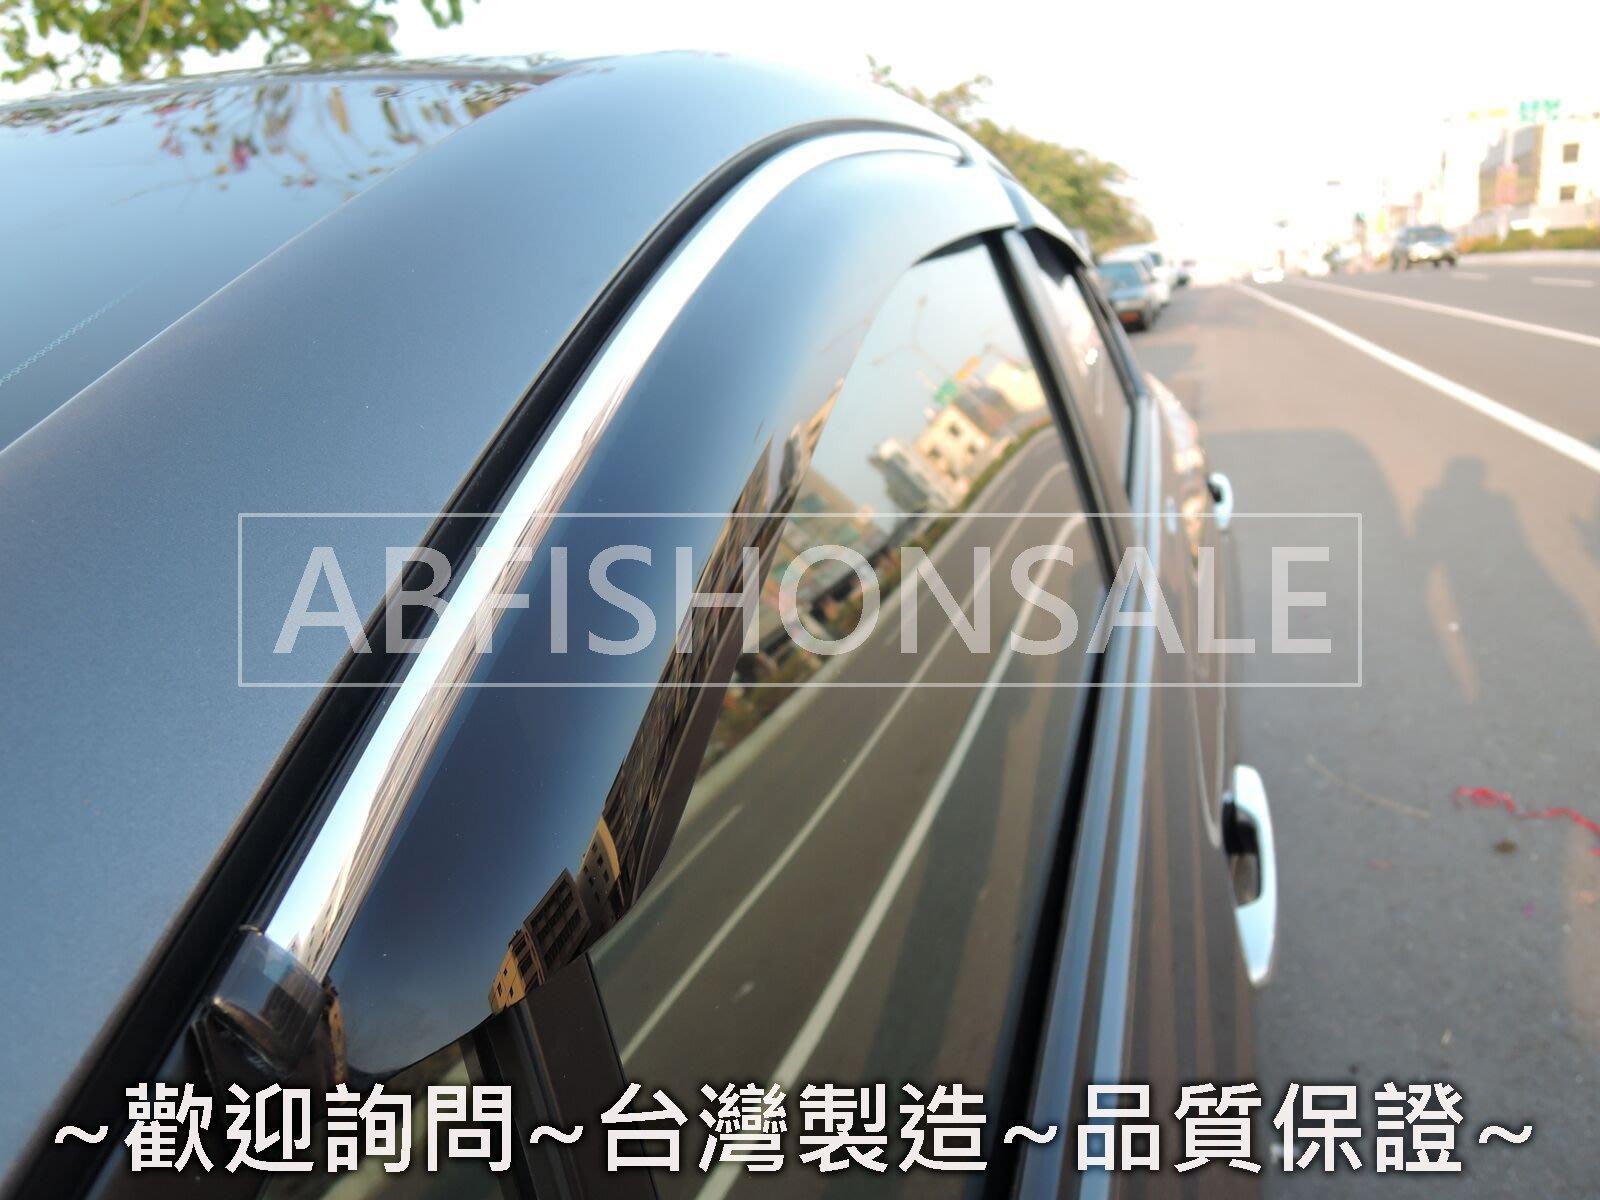 ♥♥♥比比晴雨窗 ♥♥♥ 02-07 Toyota Vios 一代 鍍鉻飾條晴雨窗